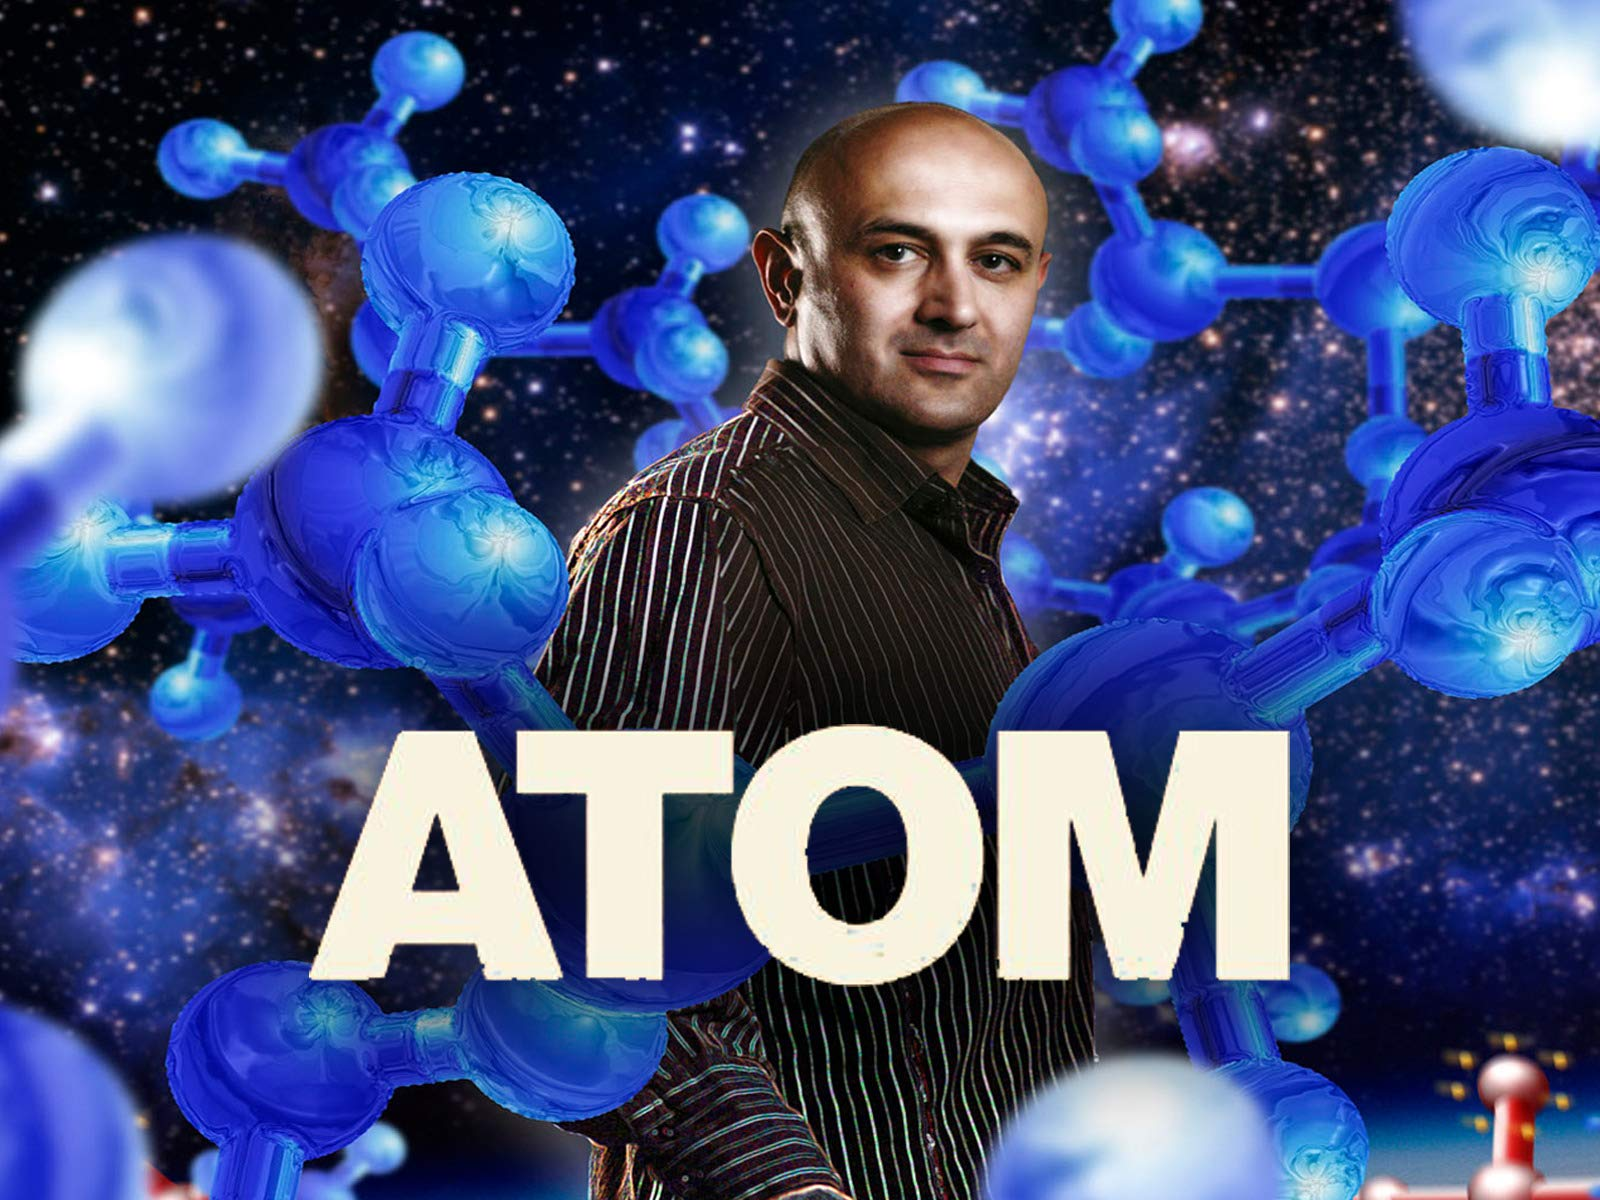 Atom - Season 1